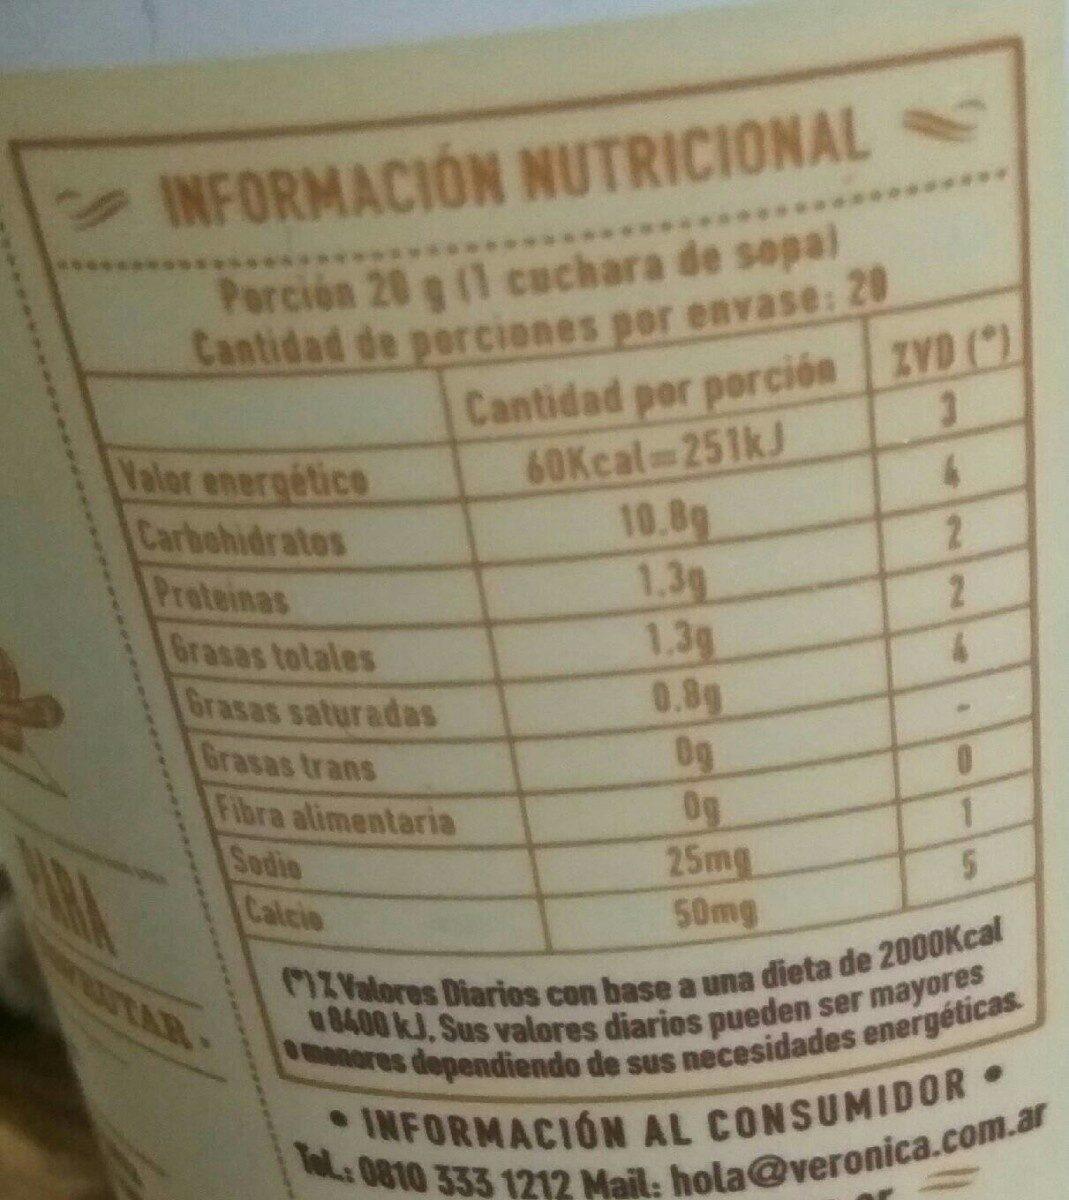 Dulce de leche Clasico - Nutrition facts - es